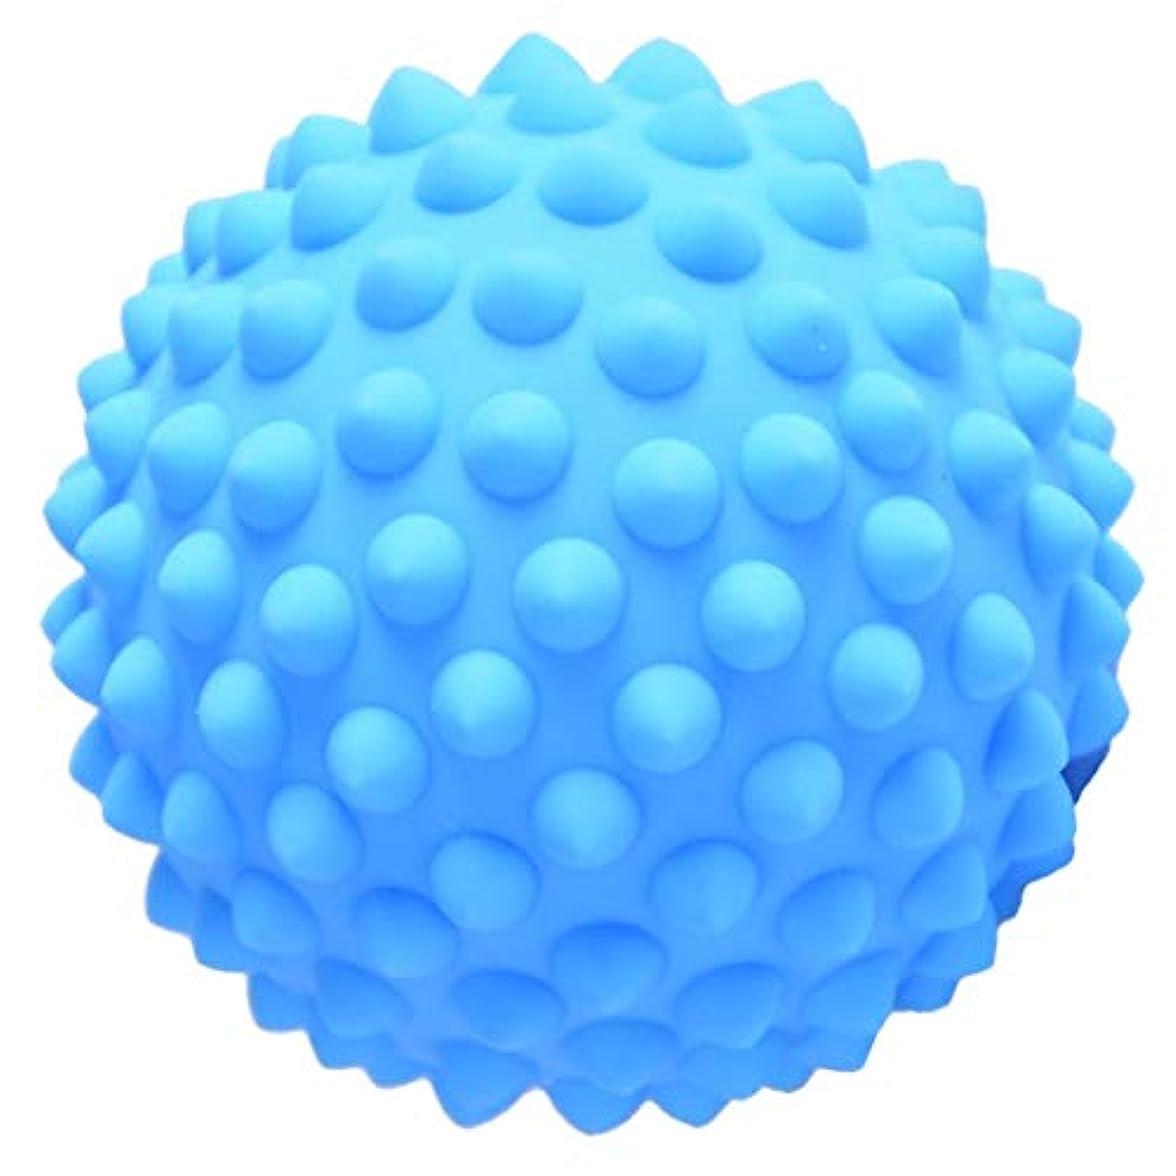 イライラする広範囲にハンディFLAMEER マッサージボール ポイントマッサージ ヨガ道具 3色選べ - 青, 説明のとおり